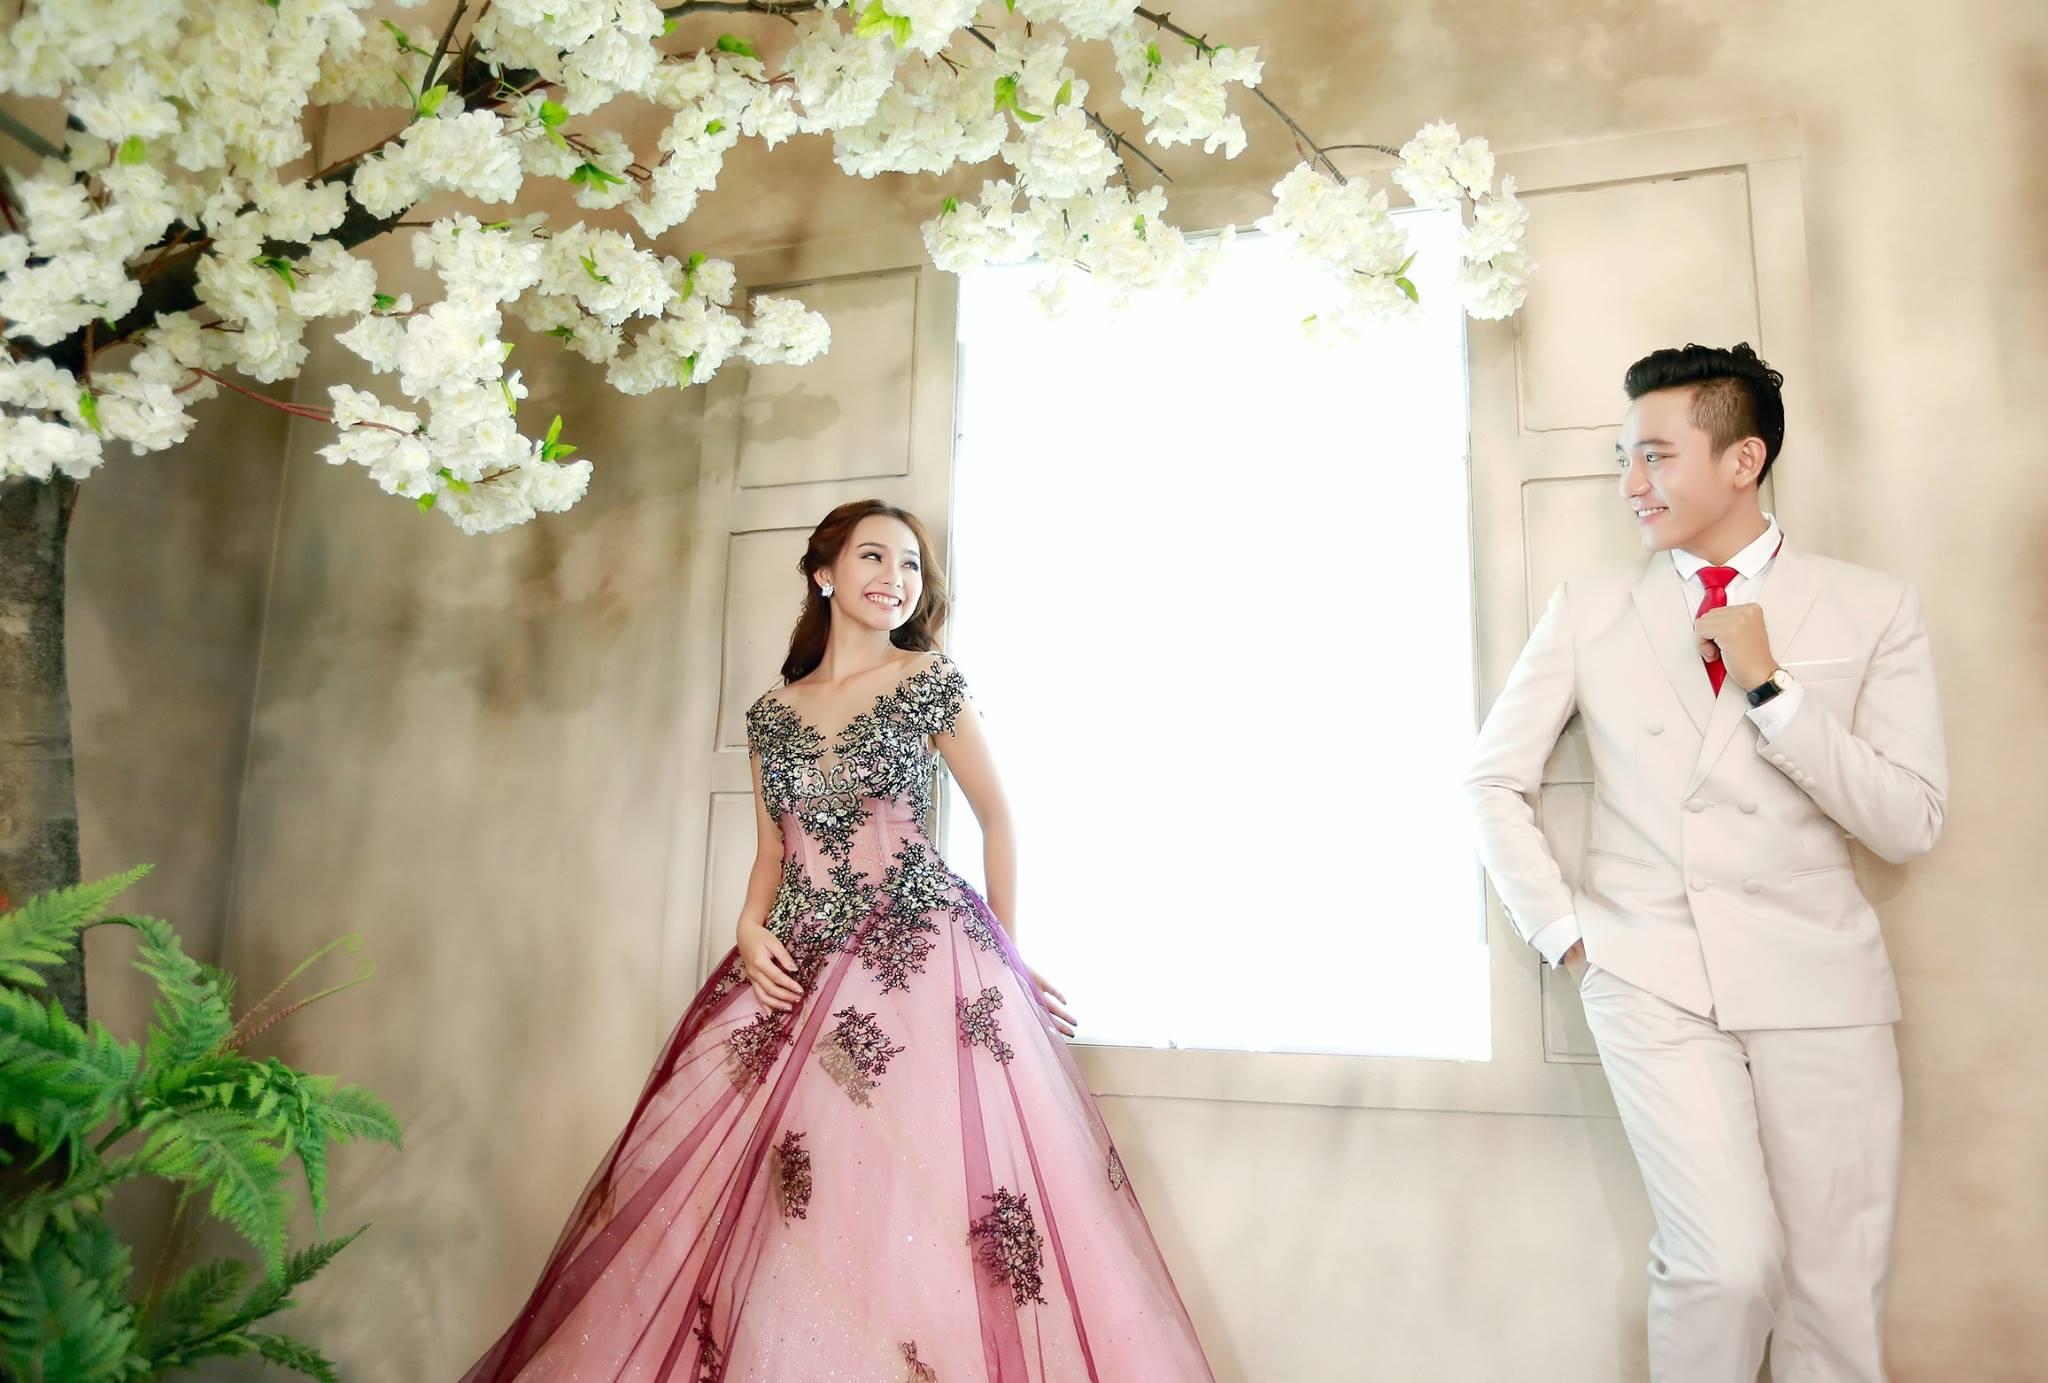 phim trường chụp hình cưới